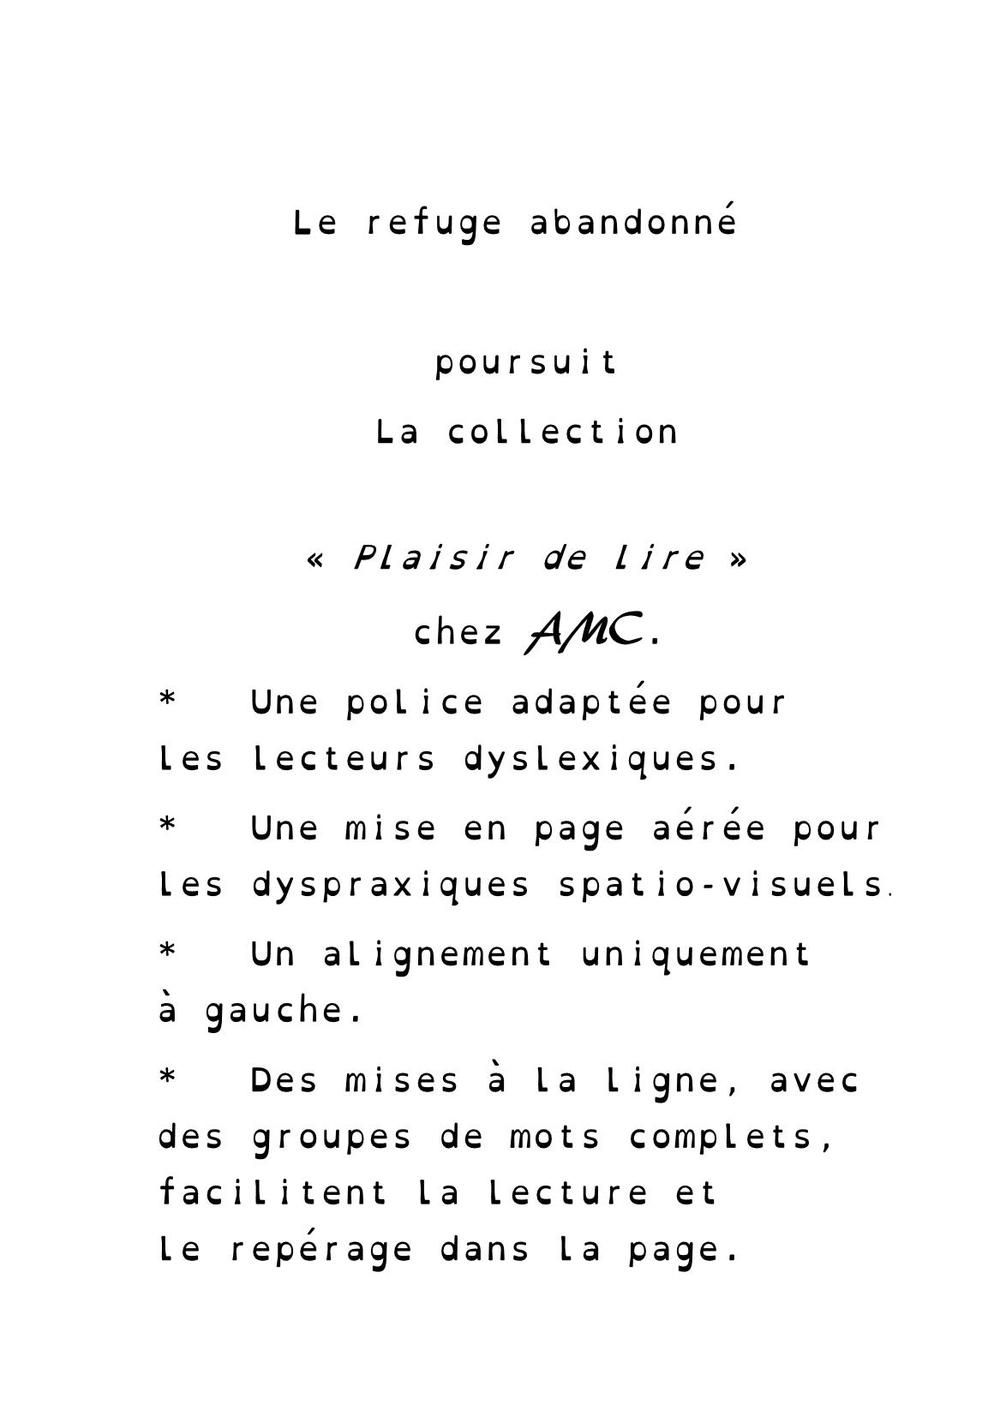 Le_refuge_abandonné_IMPRESSION1_Page_3